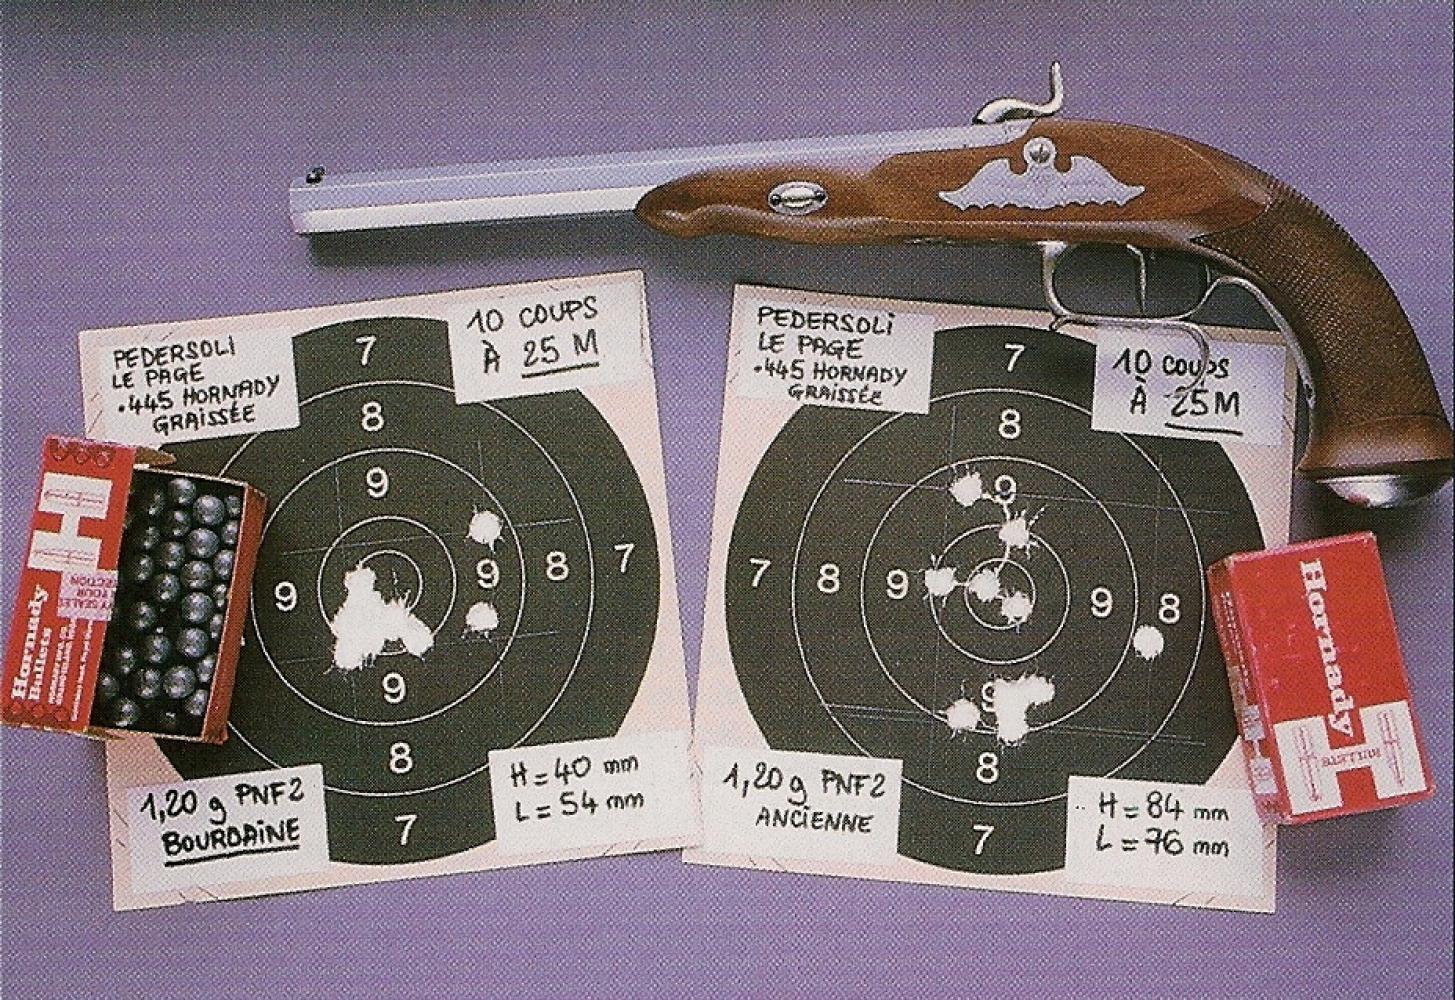 Groupements comparatifs réalisés avec une balle sphérique Hornady .445 sans calepin propulsée par des charges de 1,20 g de PNF2 ancienne et nouvelle production qualité « Bourdaine » (cible de gauche).